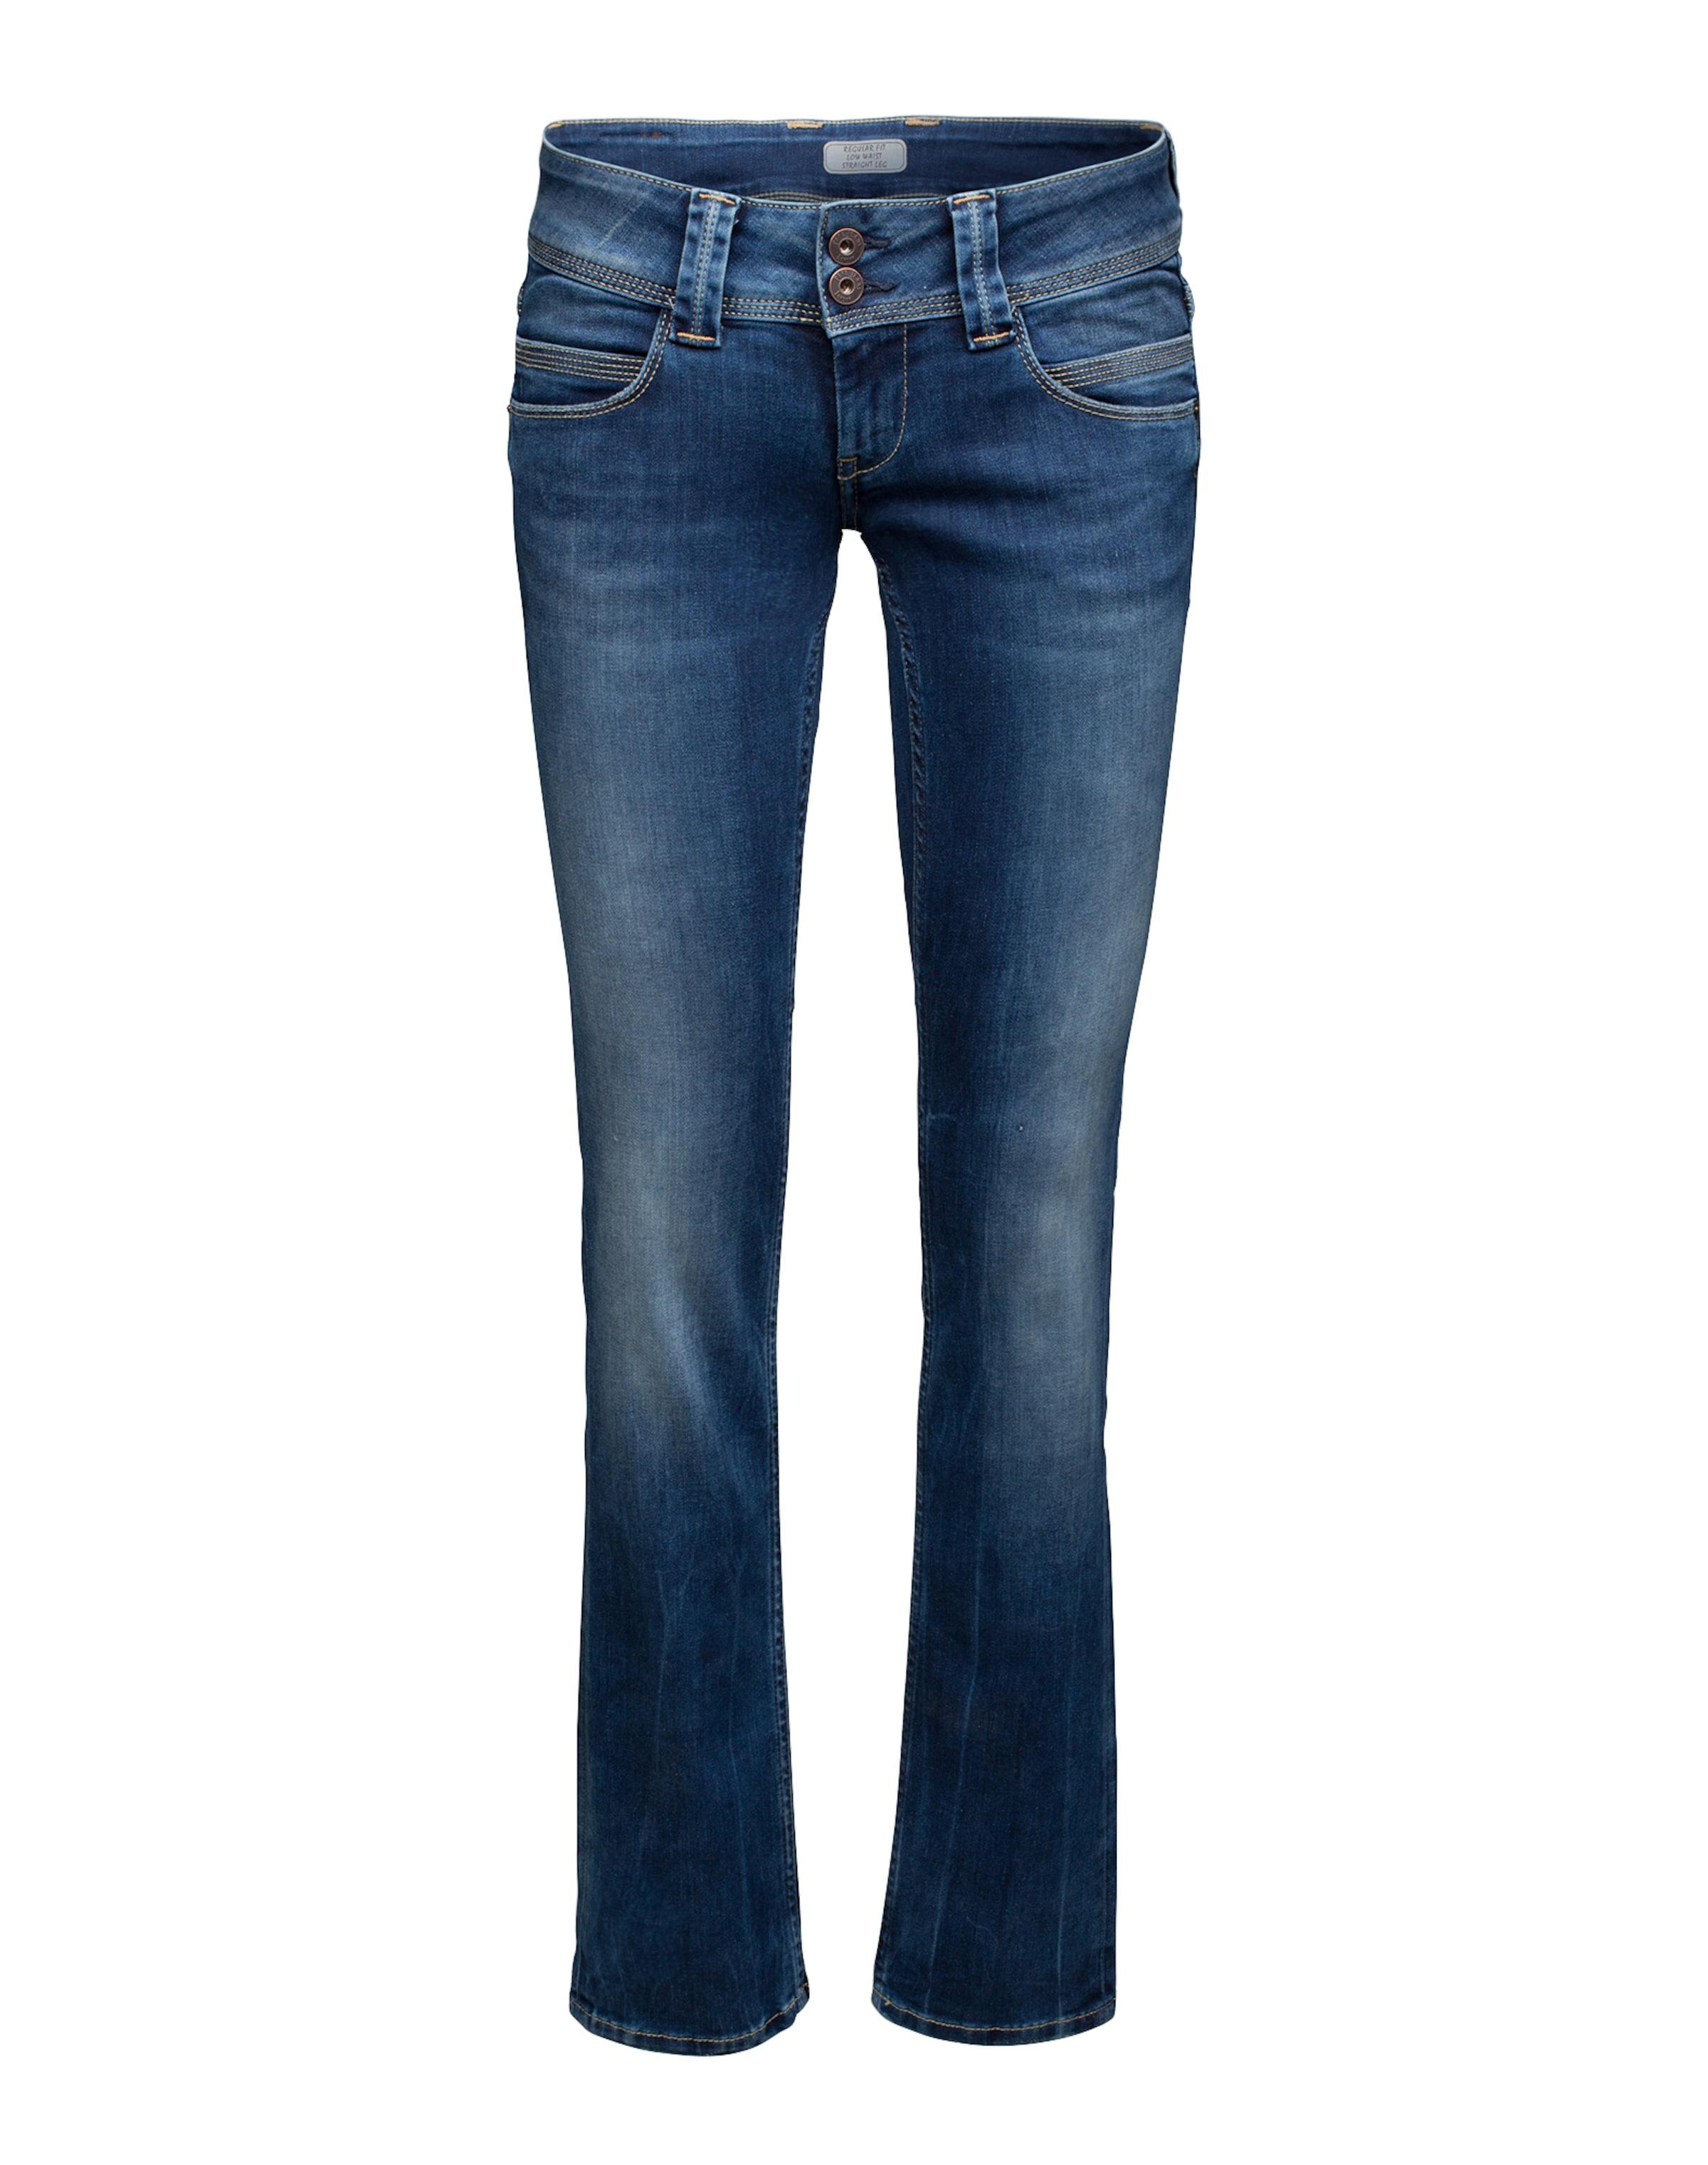 Pepe Bleu Jean Denim Jeans 'venus' En 8wXNnO0Pk